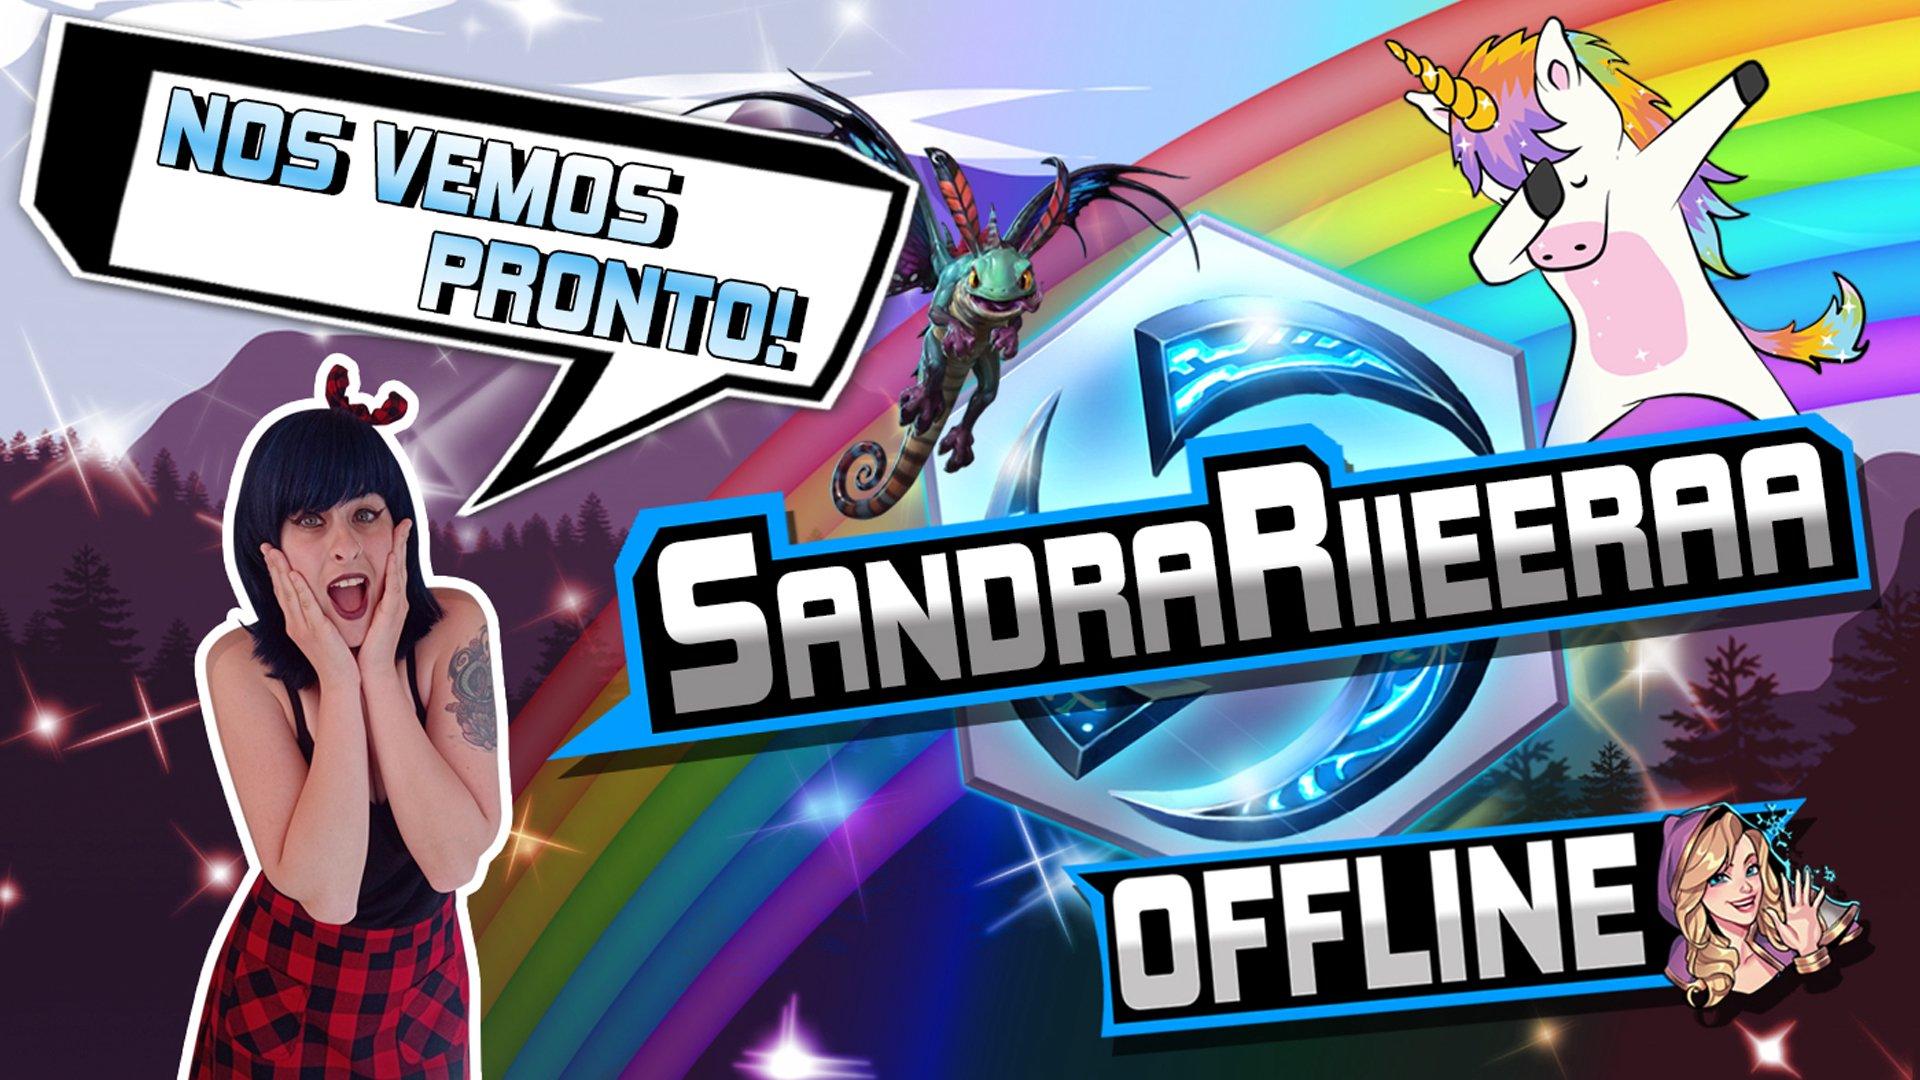 SandraRiieeraa